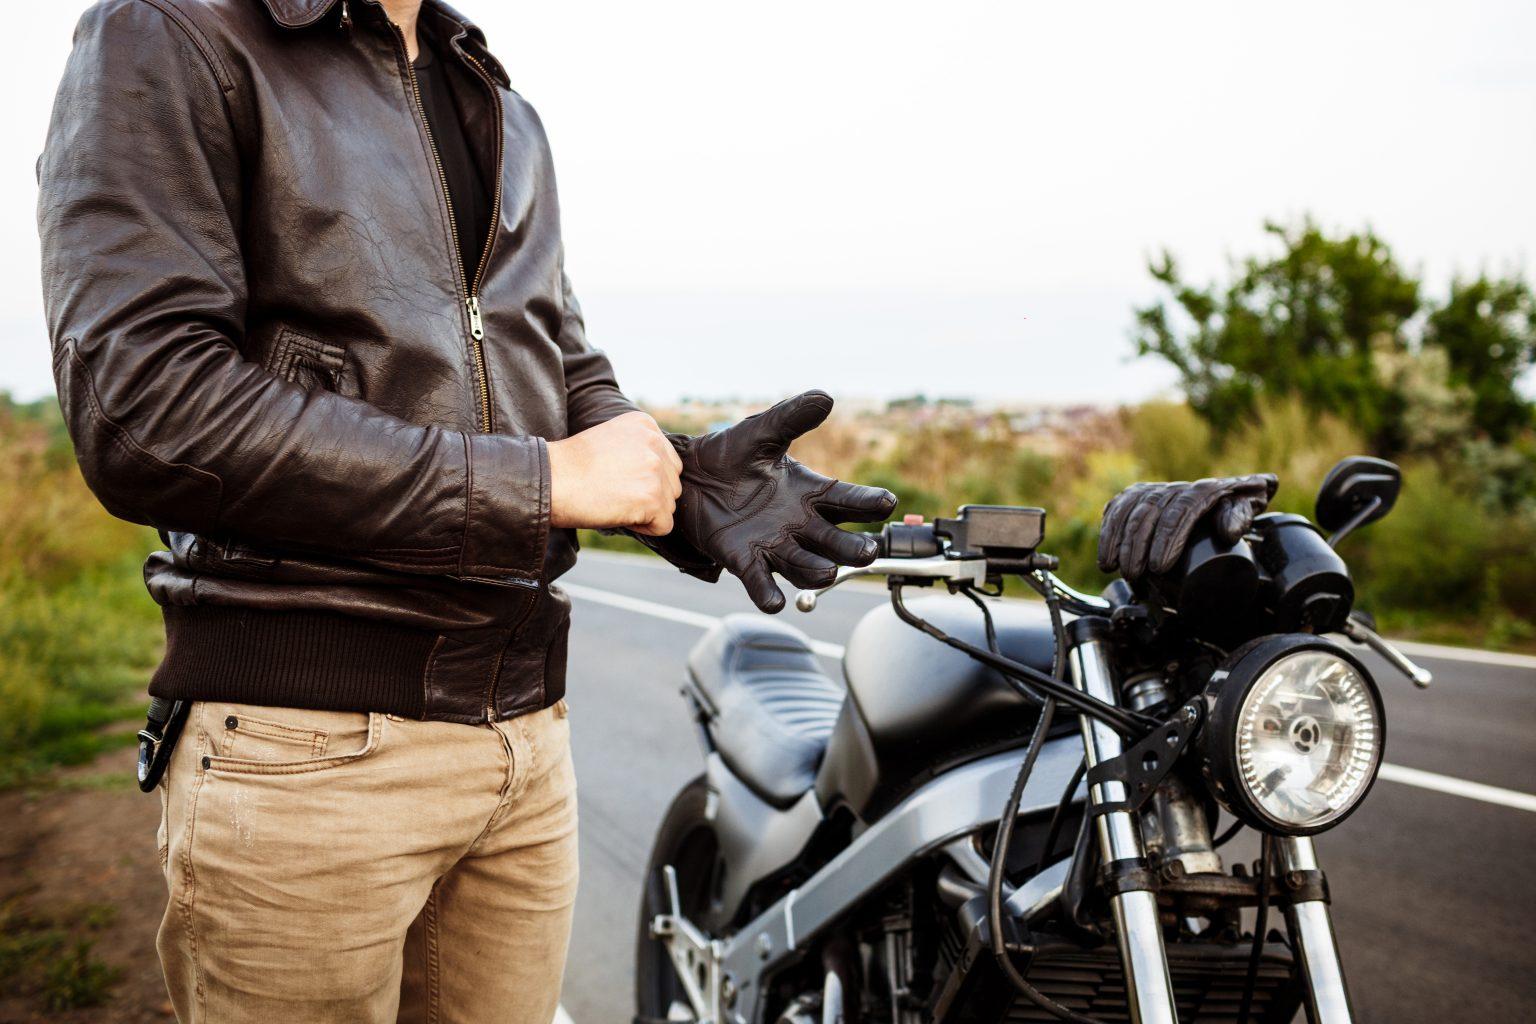 Guantes para moto: ¿Cuál es el mejor del 2021?